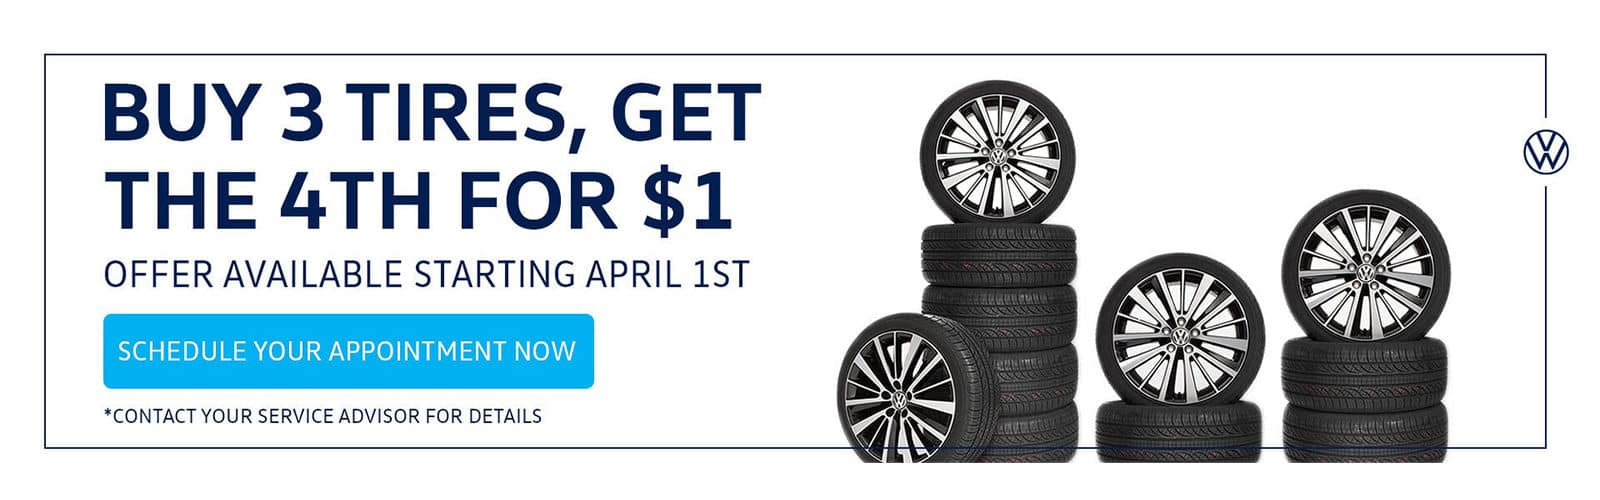 Volkswagen Buy 3 Tires Special